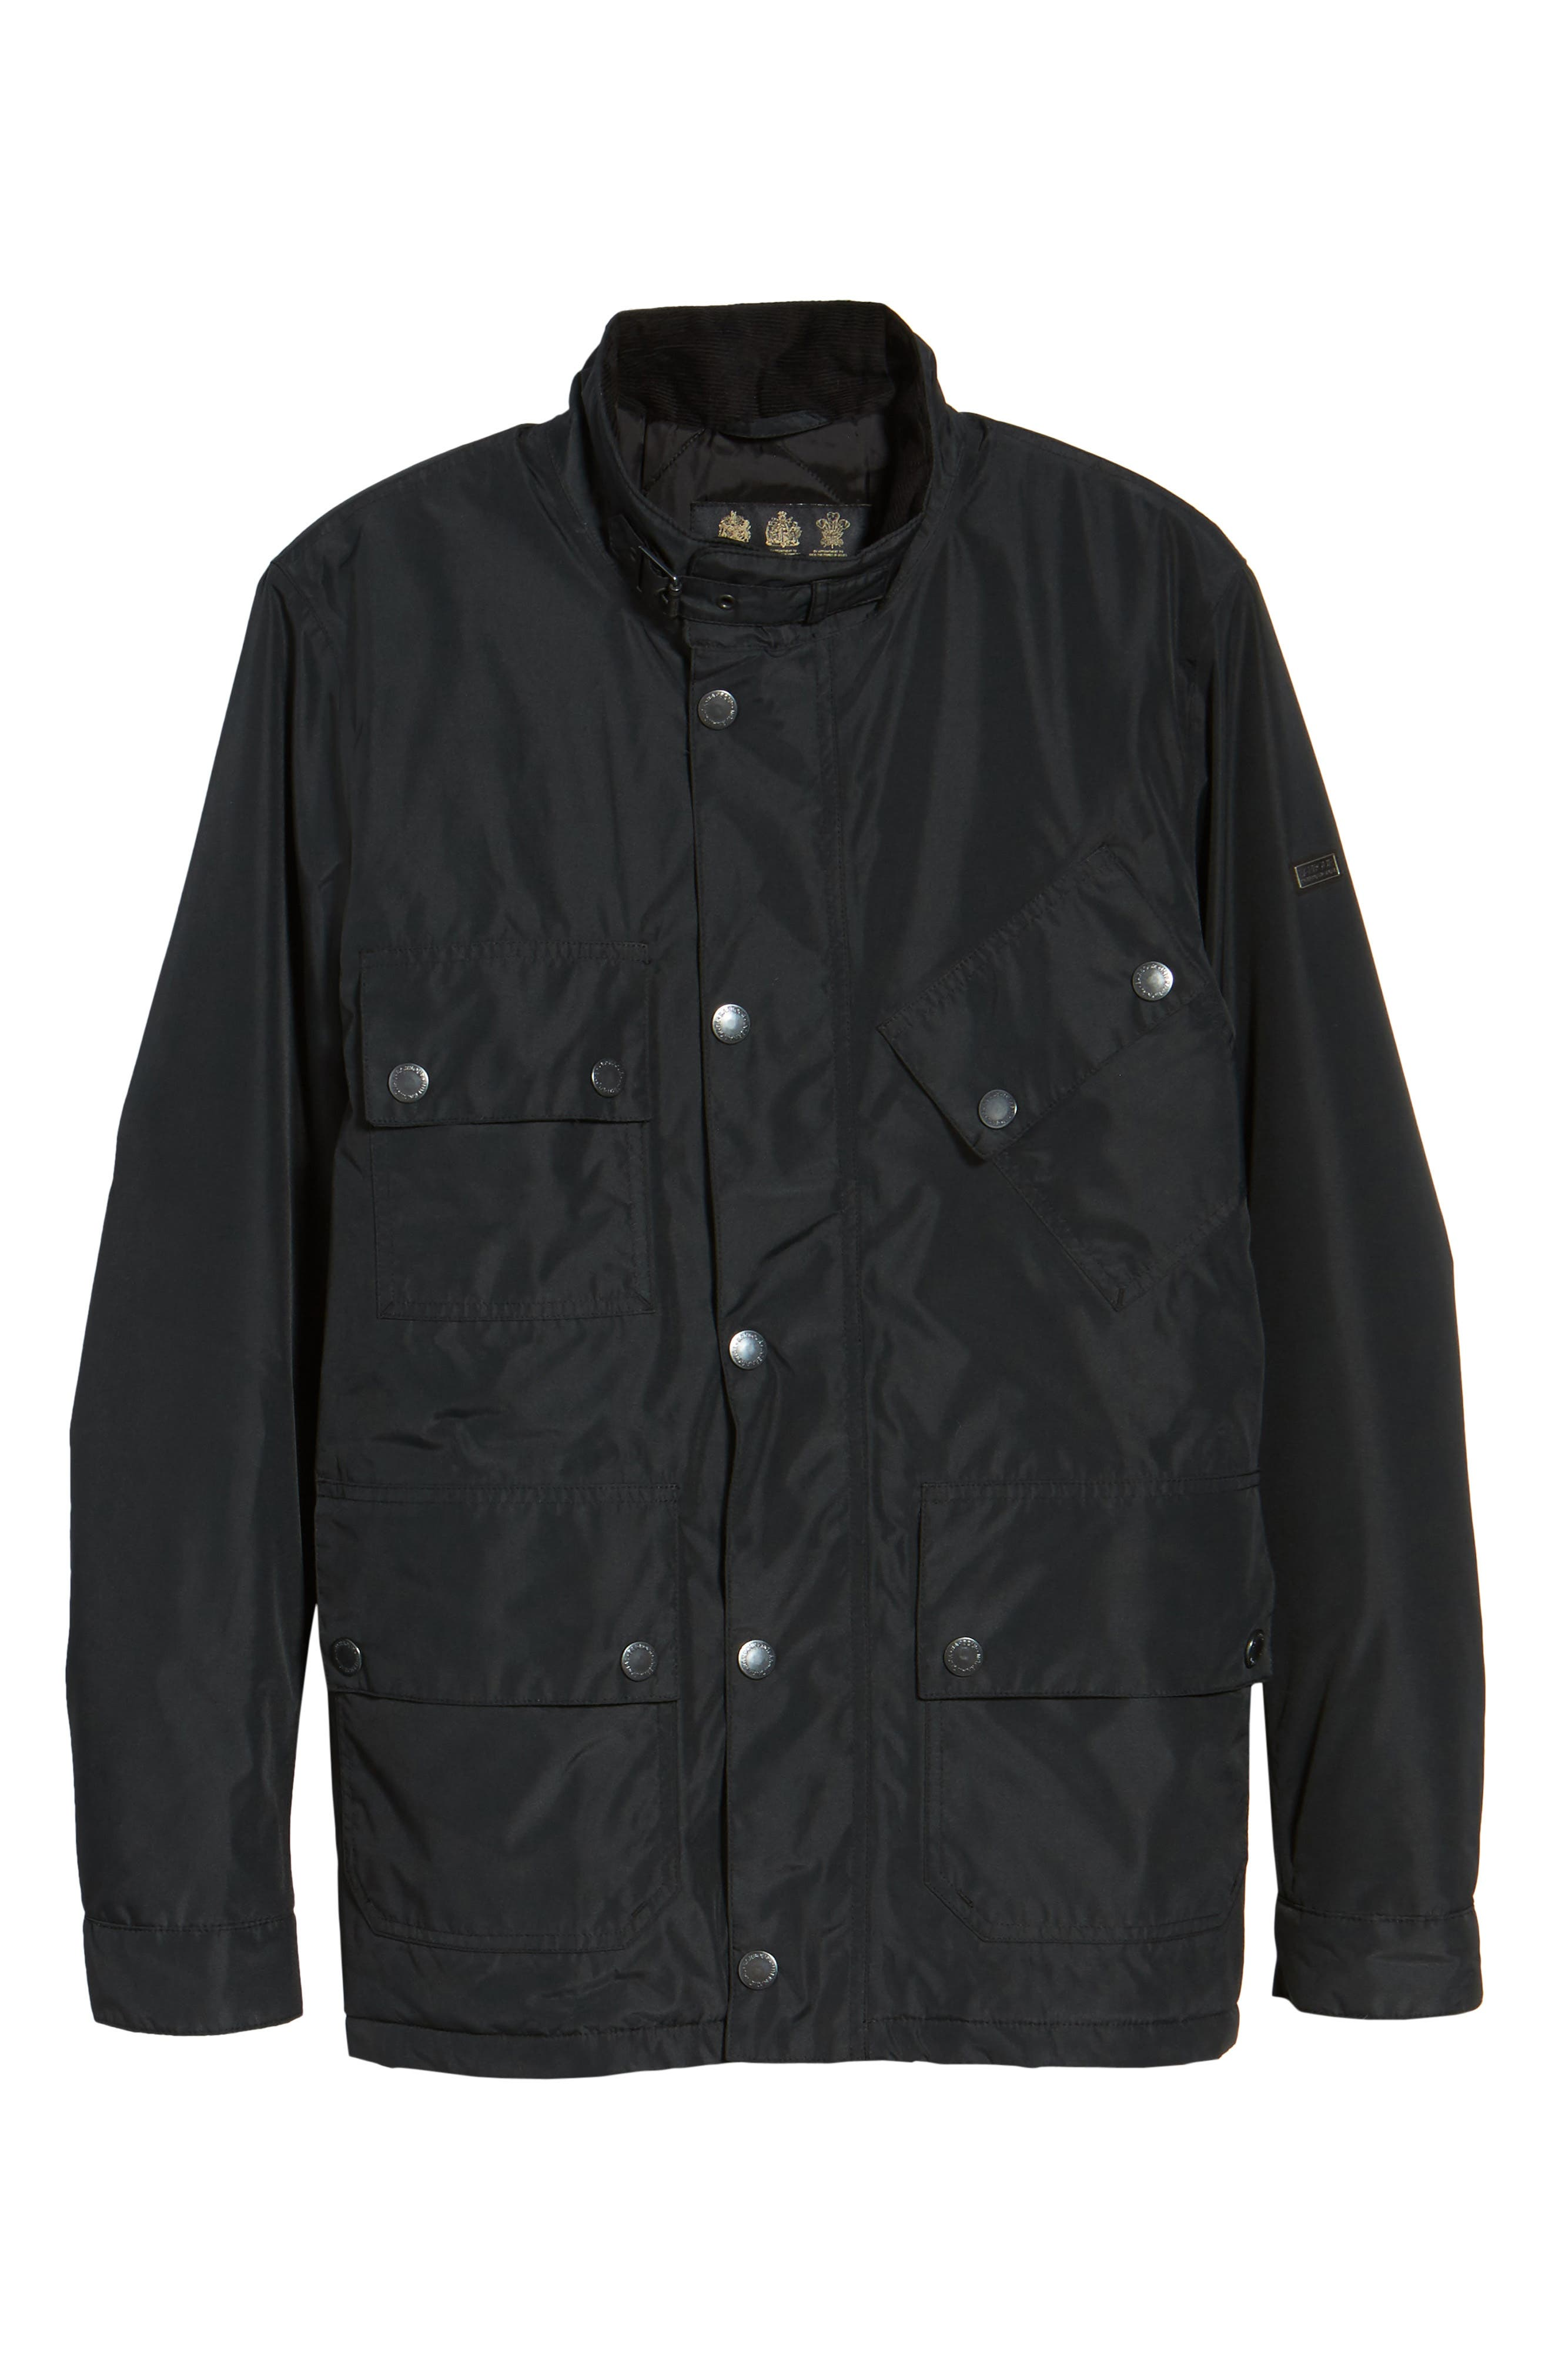 B.Intl Tyne Waterproof Jacket,                             Alternate thumbnail 5, color,                             001